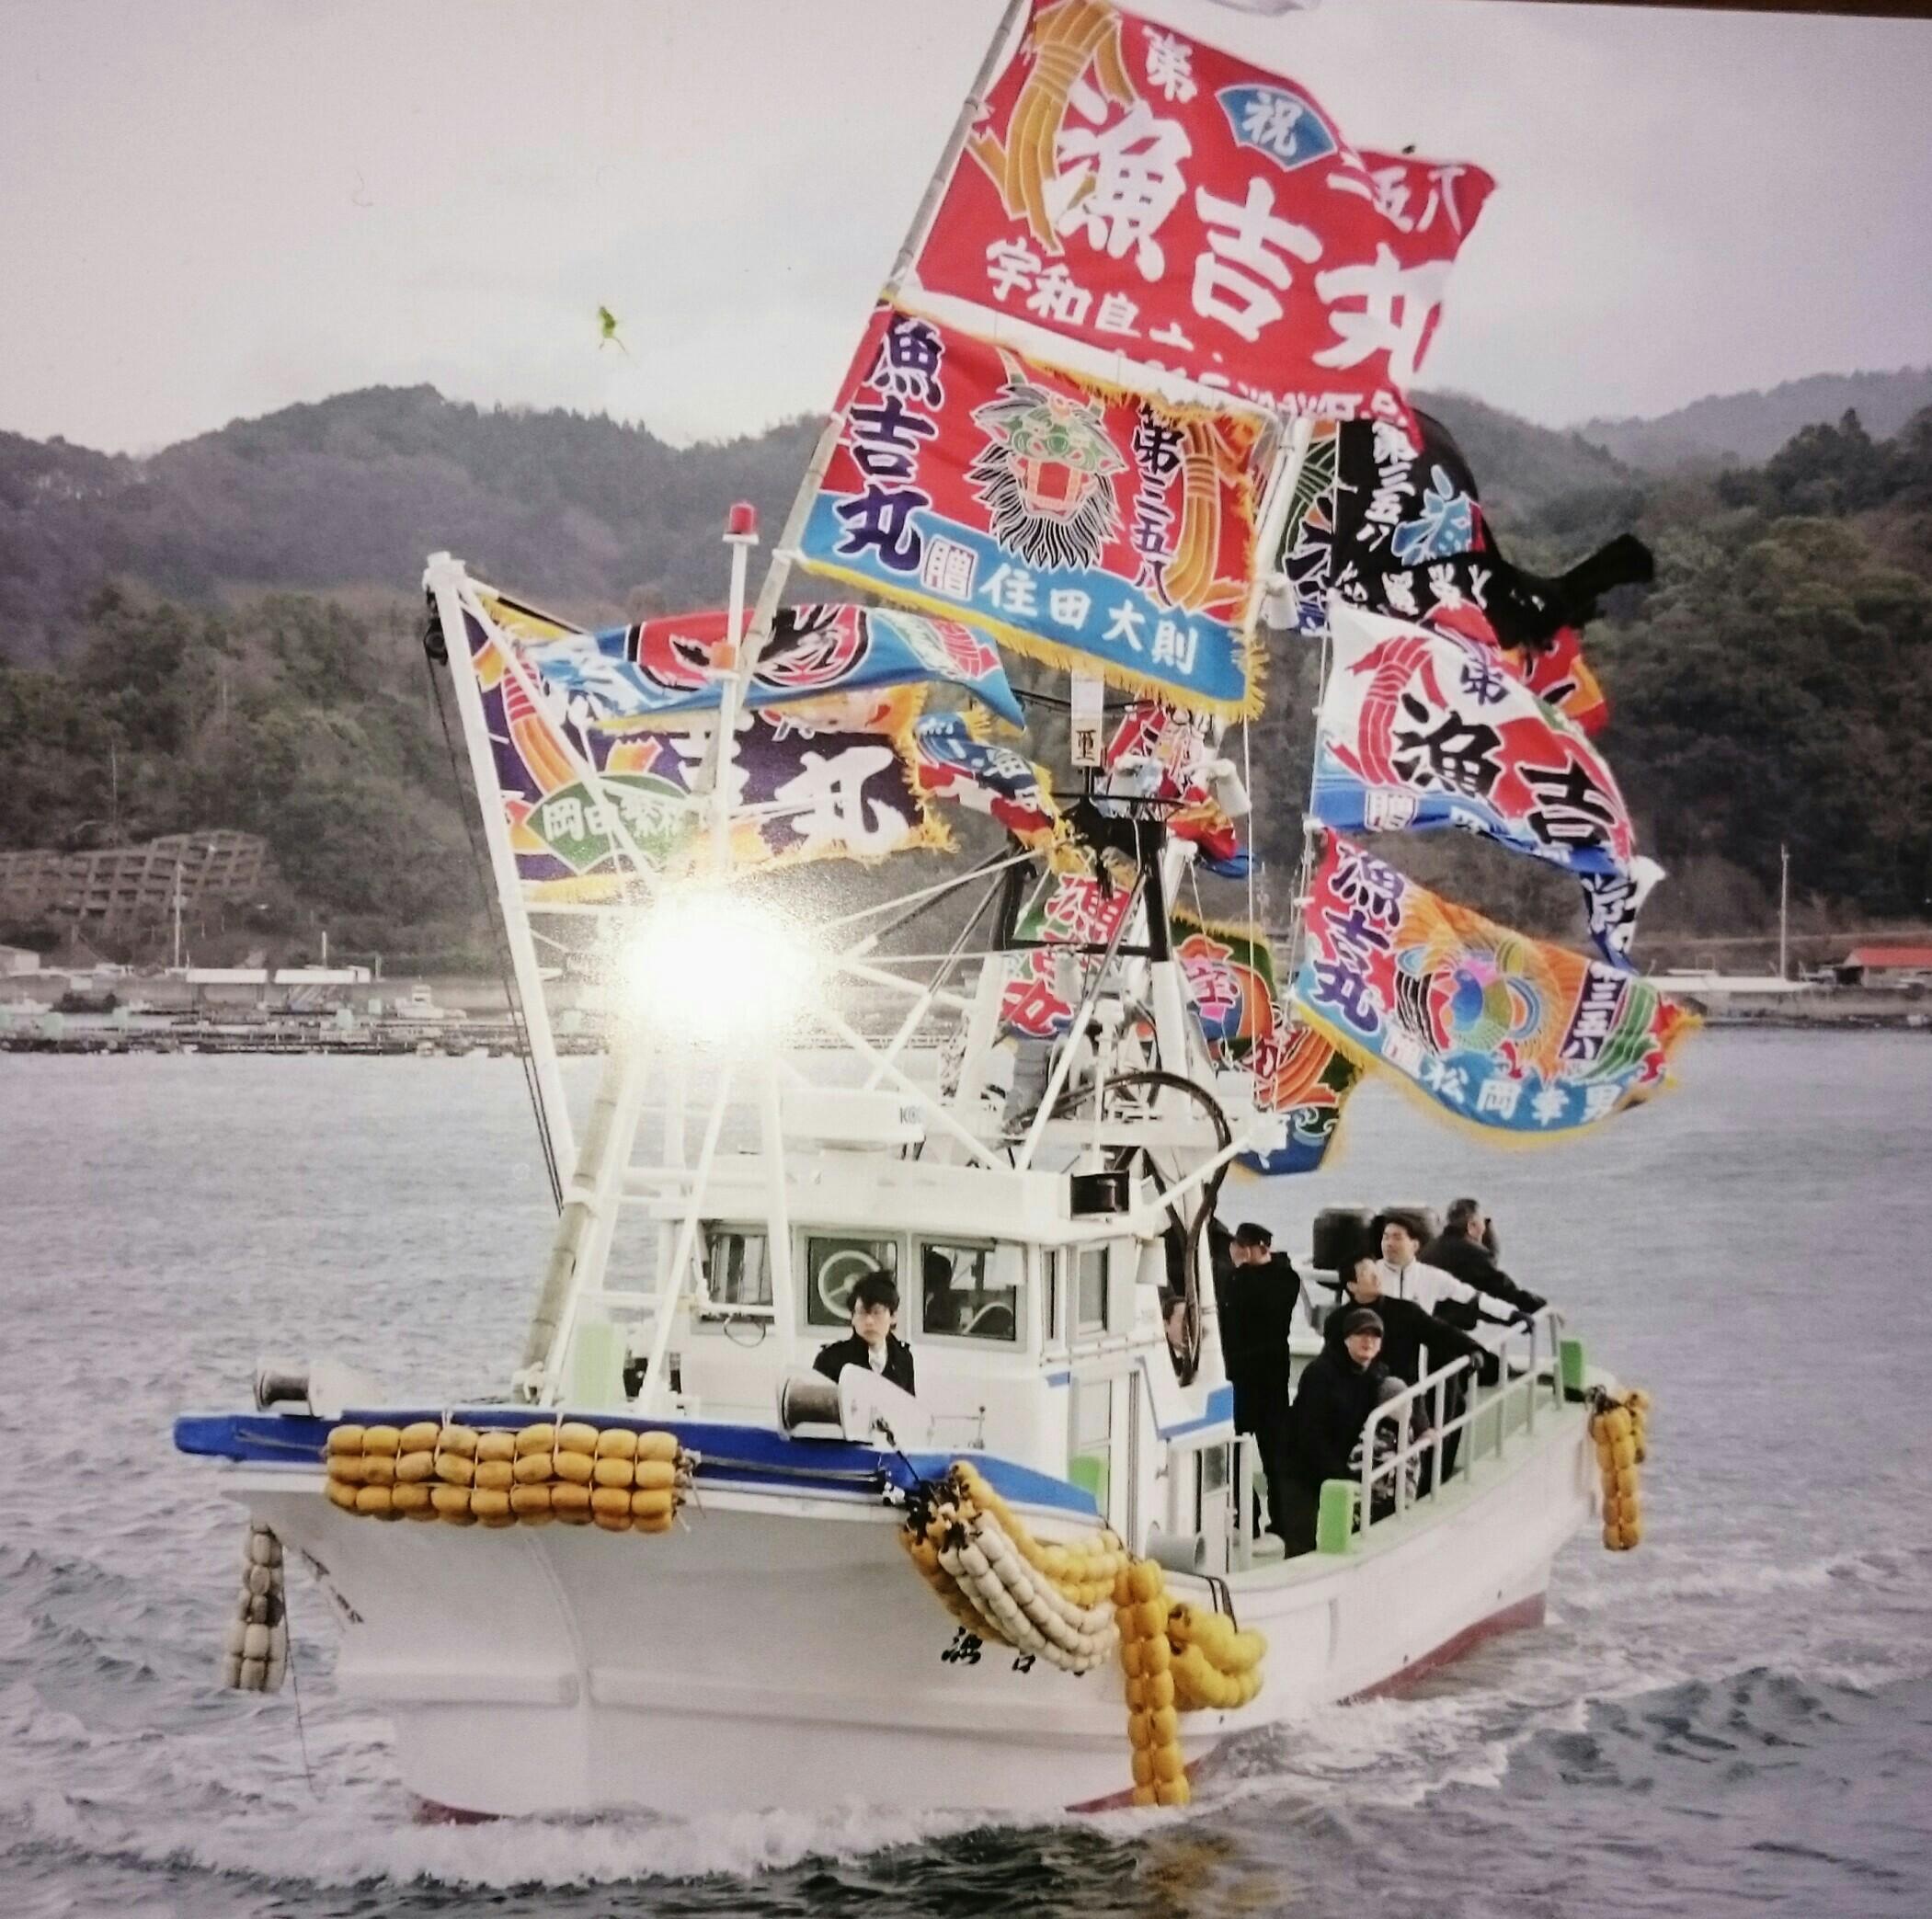 漁吉丸の産直担当で親方の嫁・岡崎 由美